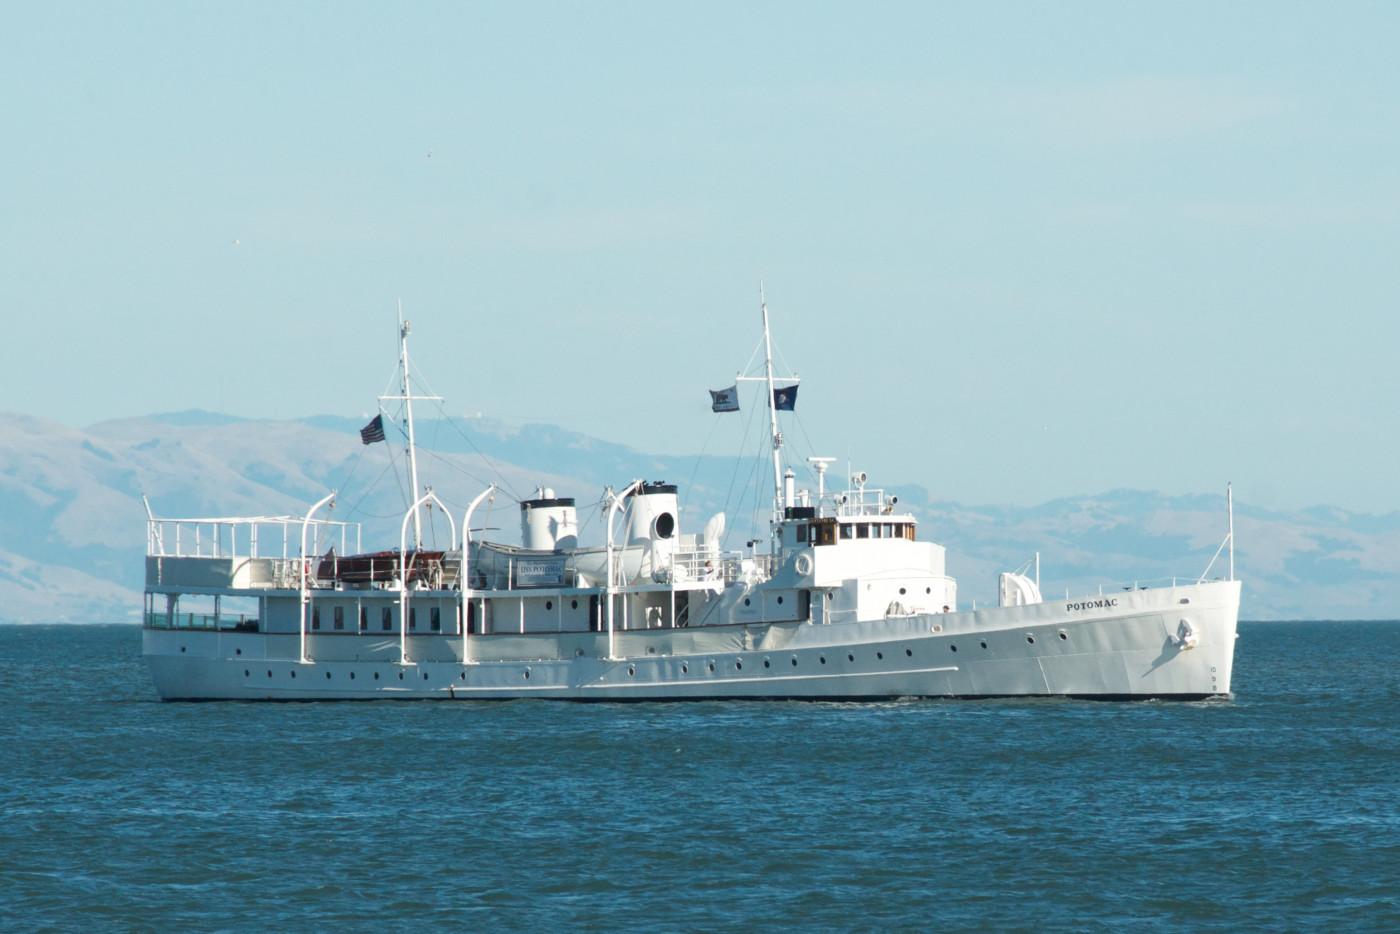 San_Francisco_Trip_-_Aug_2013_-_USS_Potomac